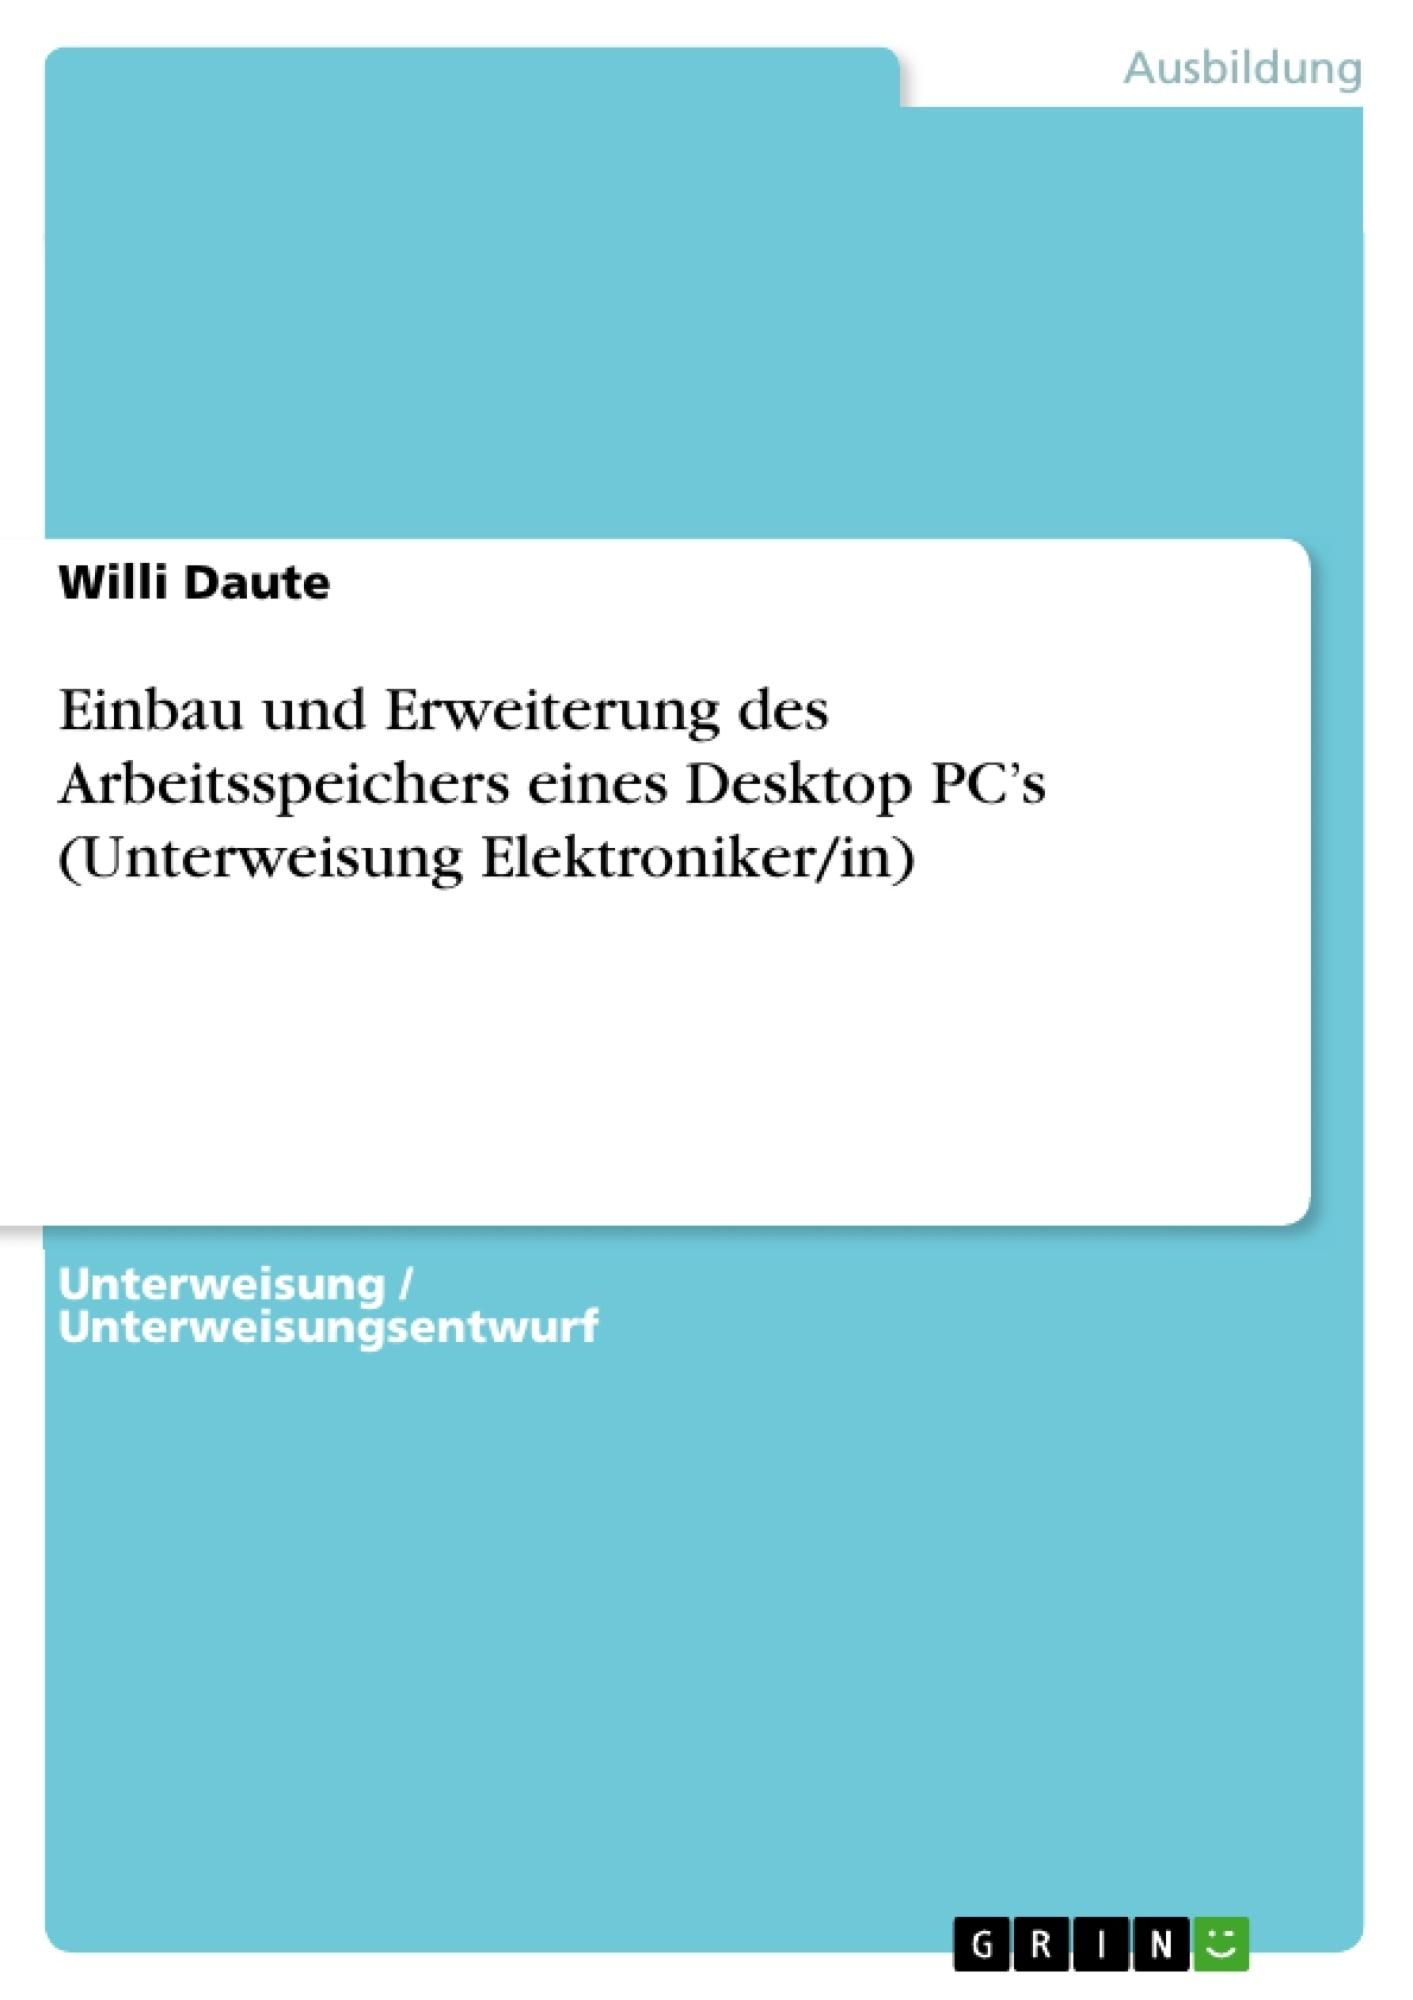 Titel: Einbau und Erweiterung des Arbeitsspeichers eines Desktop PC's (Unterweisung Elektroniker/in)